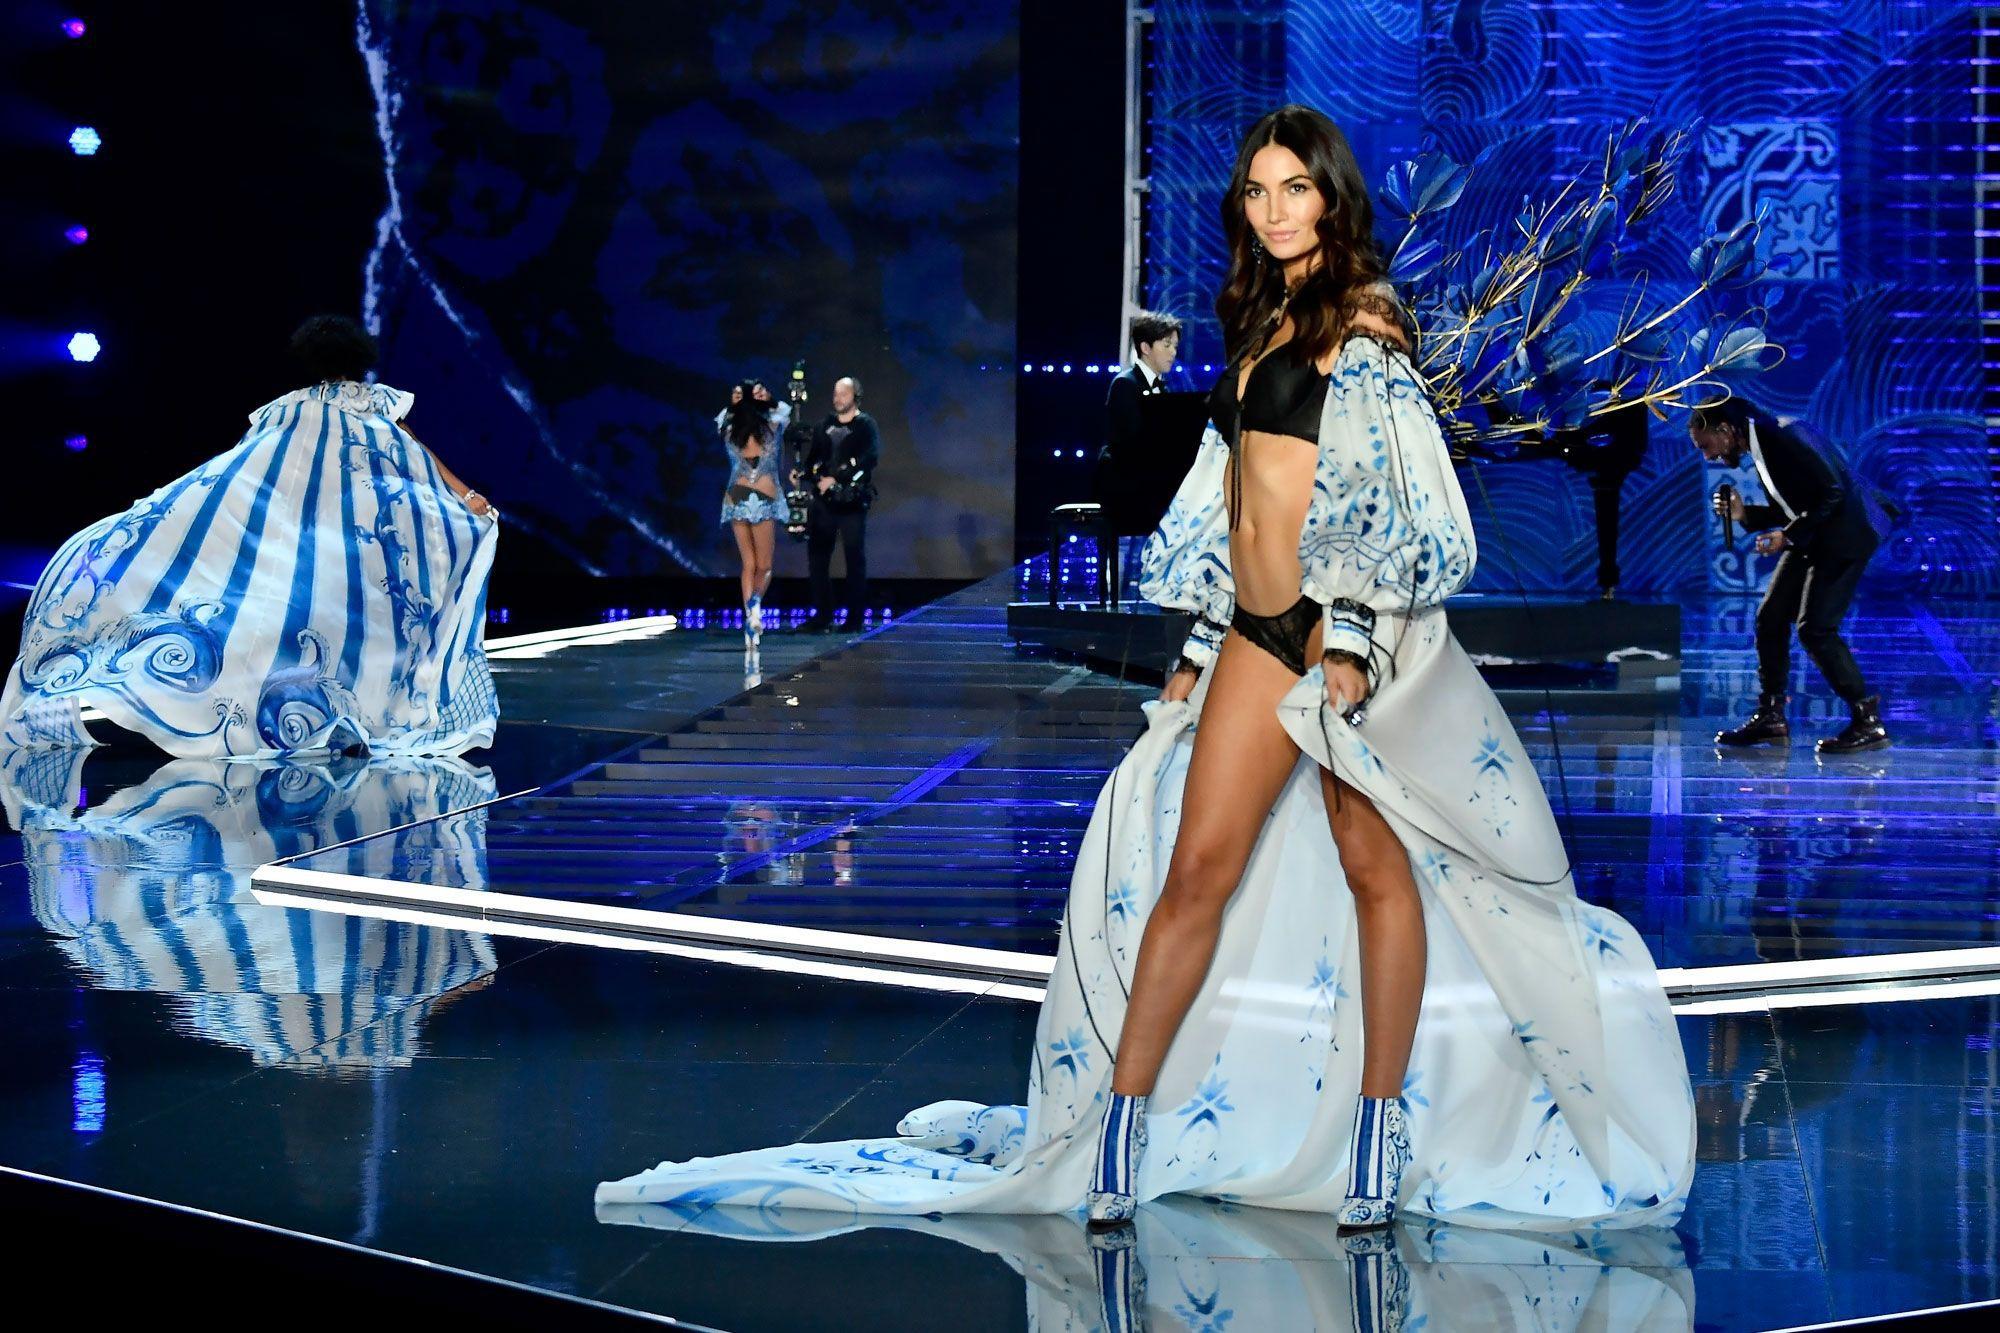 HOT: Victorias Secret Fashion Show 2017 đẹp ngoài sức tưởng tượng, Lais Ribeiro quá lộng lẫy với Fantasy Bra 2 triệu USD - Ảnh 12.